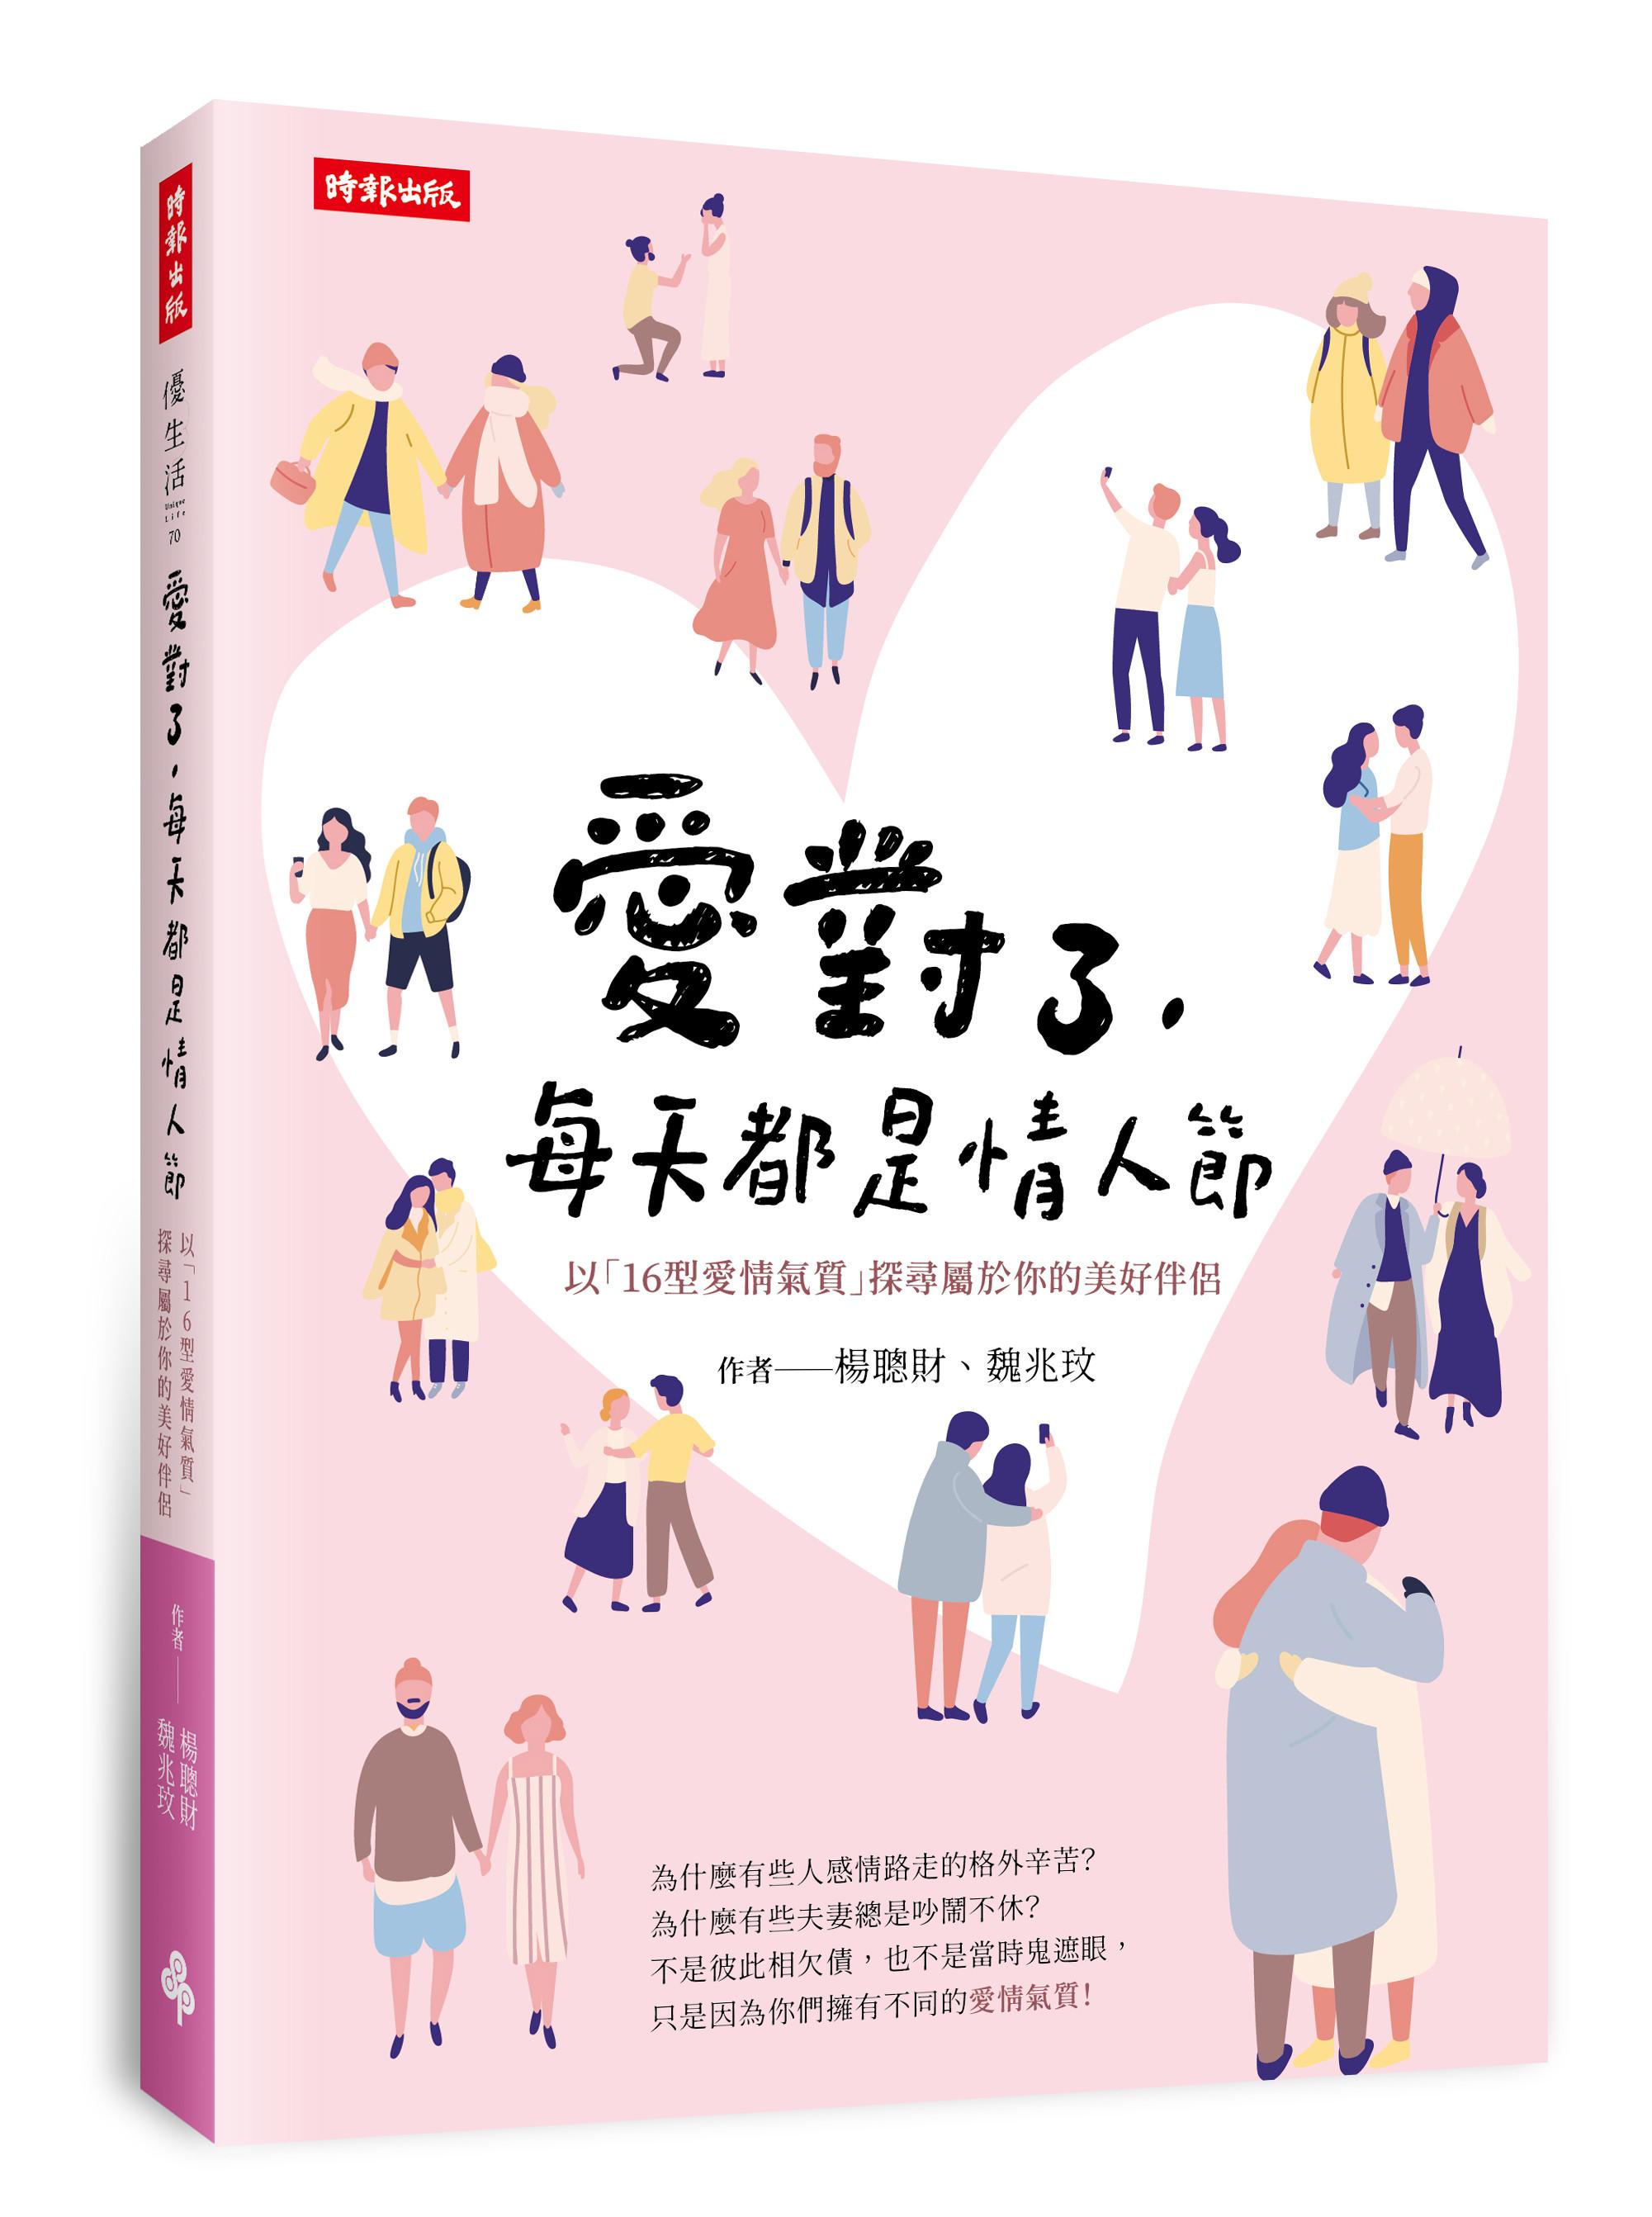 ▲愛對了,每天都是情人節:以「16型愛情氣質」探尋屬於你的美好伴侶。(圖/時報出版提供)